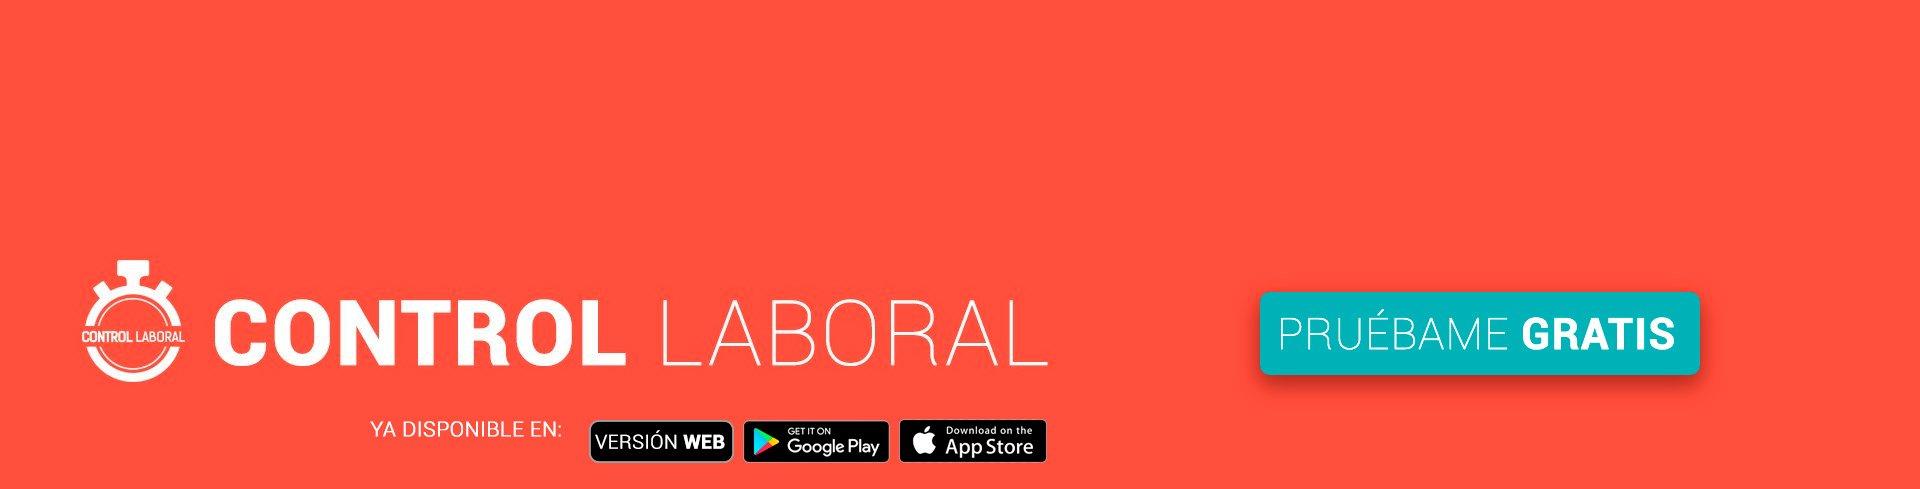 control laboral